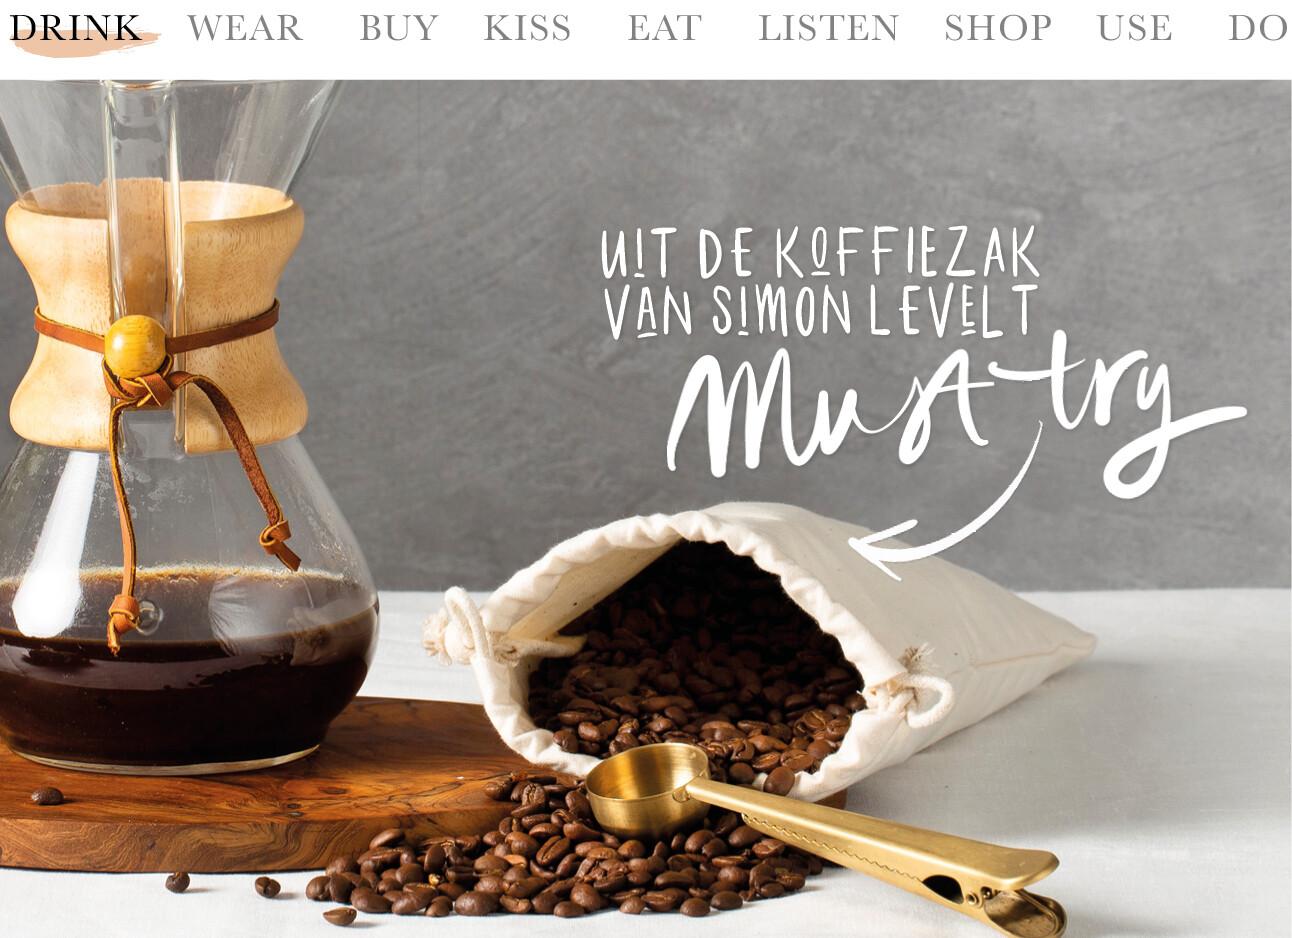 Today we drink uit de koffiezak van Simon Lévelt